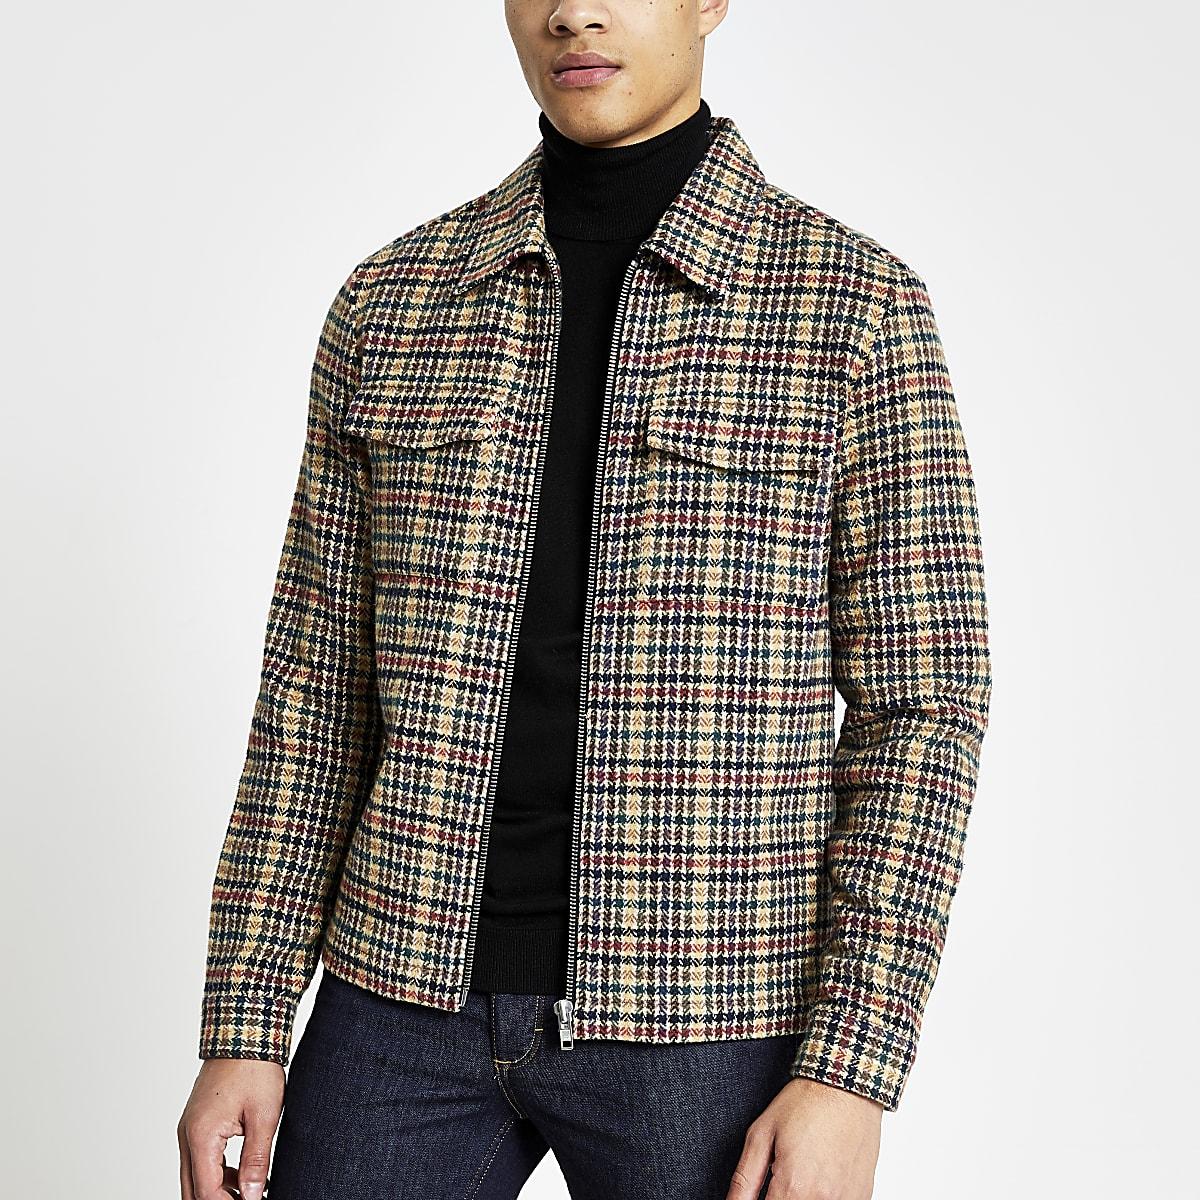 Kiezelkleurig overhemd met pied-de-poule-motief en rits